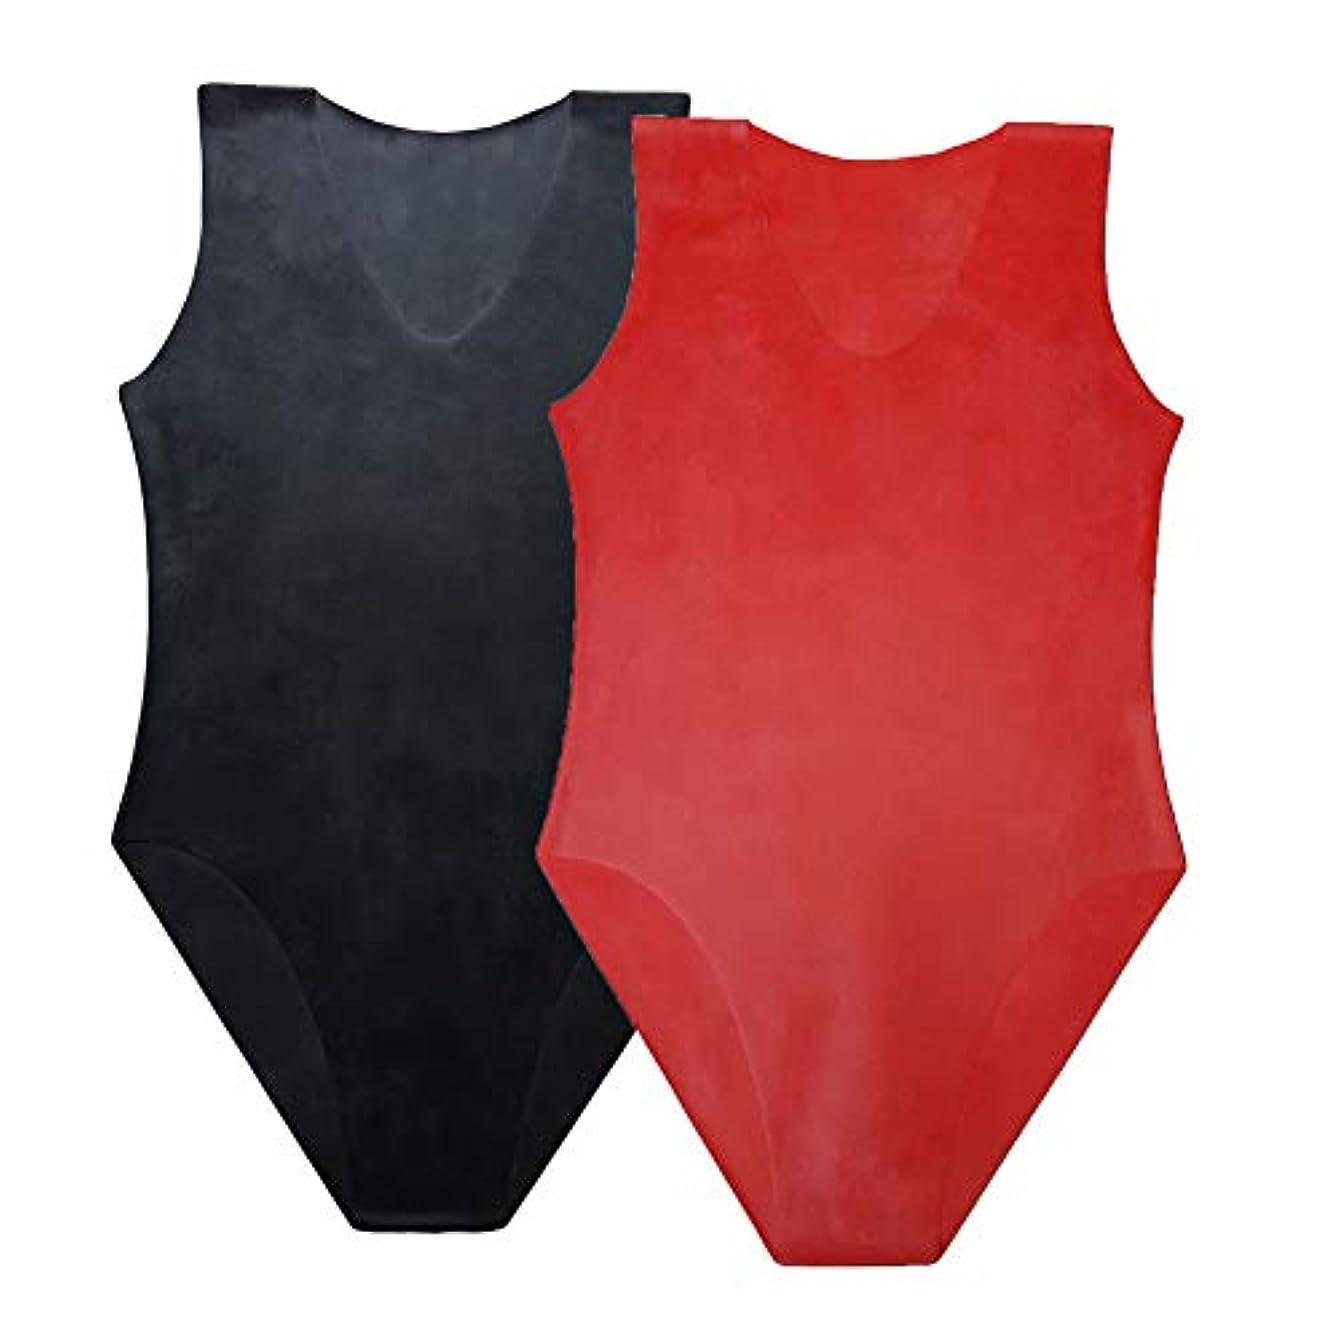 忘れる意味のあるバルセロナEXLATEX ラテックス ボディスーツ 女性水着 ラテックス ラバー グミ レオタード ブラック ラテックス キャットスーツ